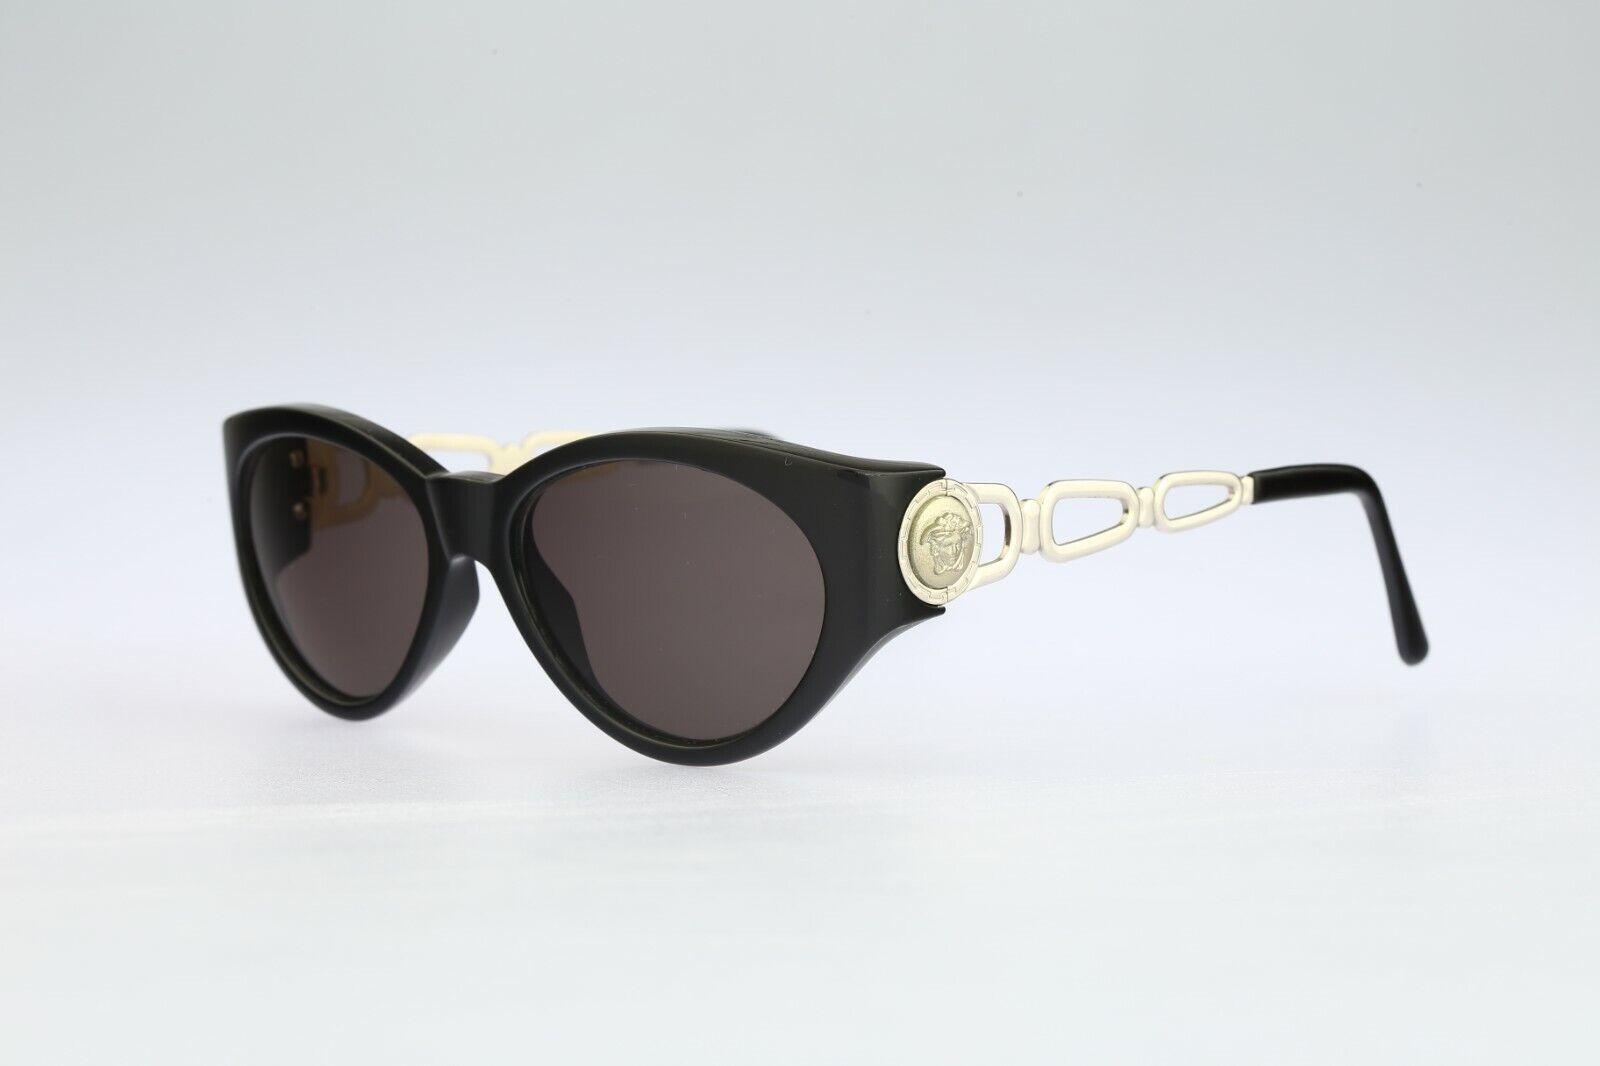 Gianni Versace 490 N52, 90s Vintage cat eye sungl… - image 4